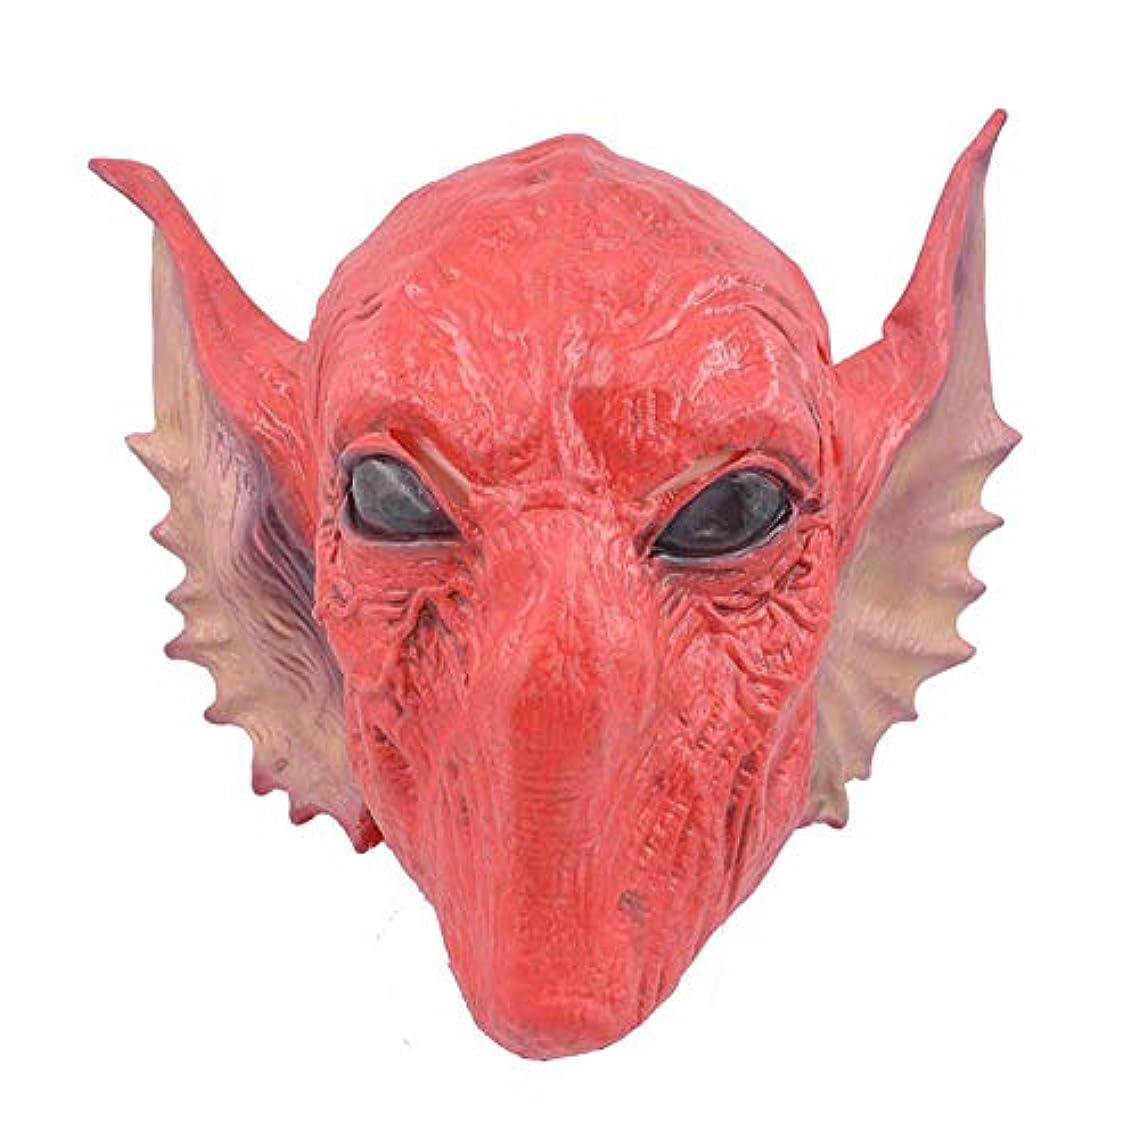 プランター交通渋滞固体ハロウィーンマスク赤いフードのSF映画のテーママスクホラーマスク